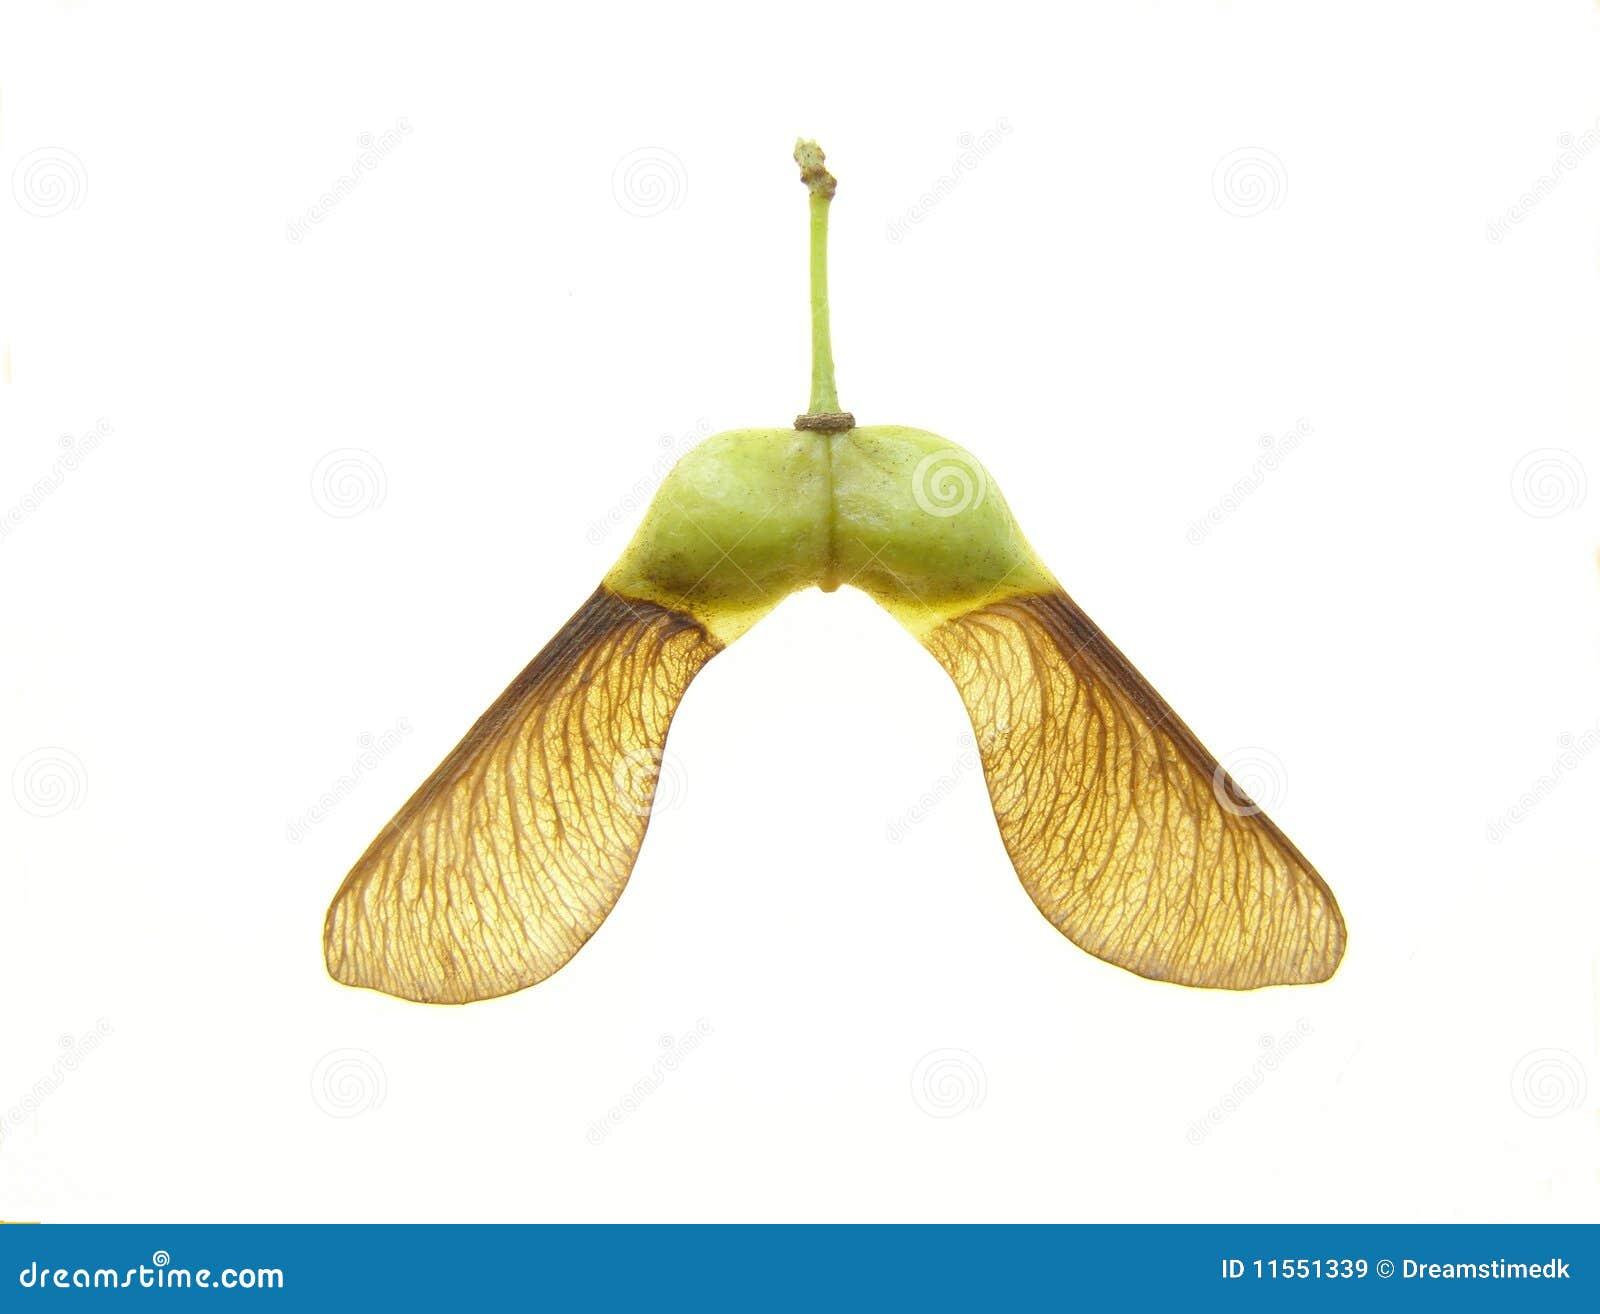 семя клена